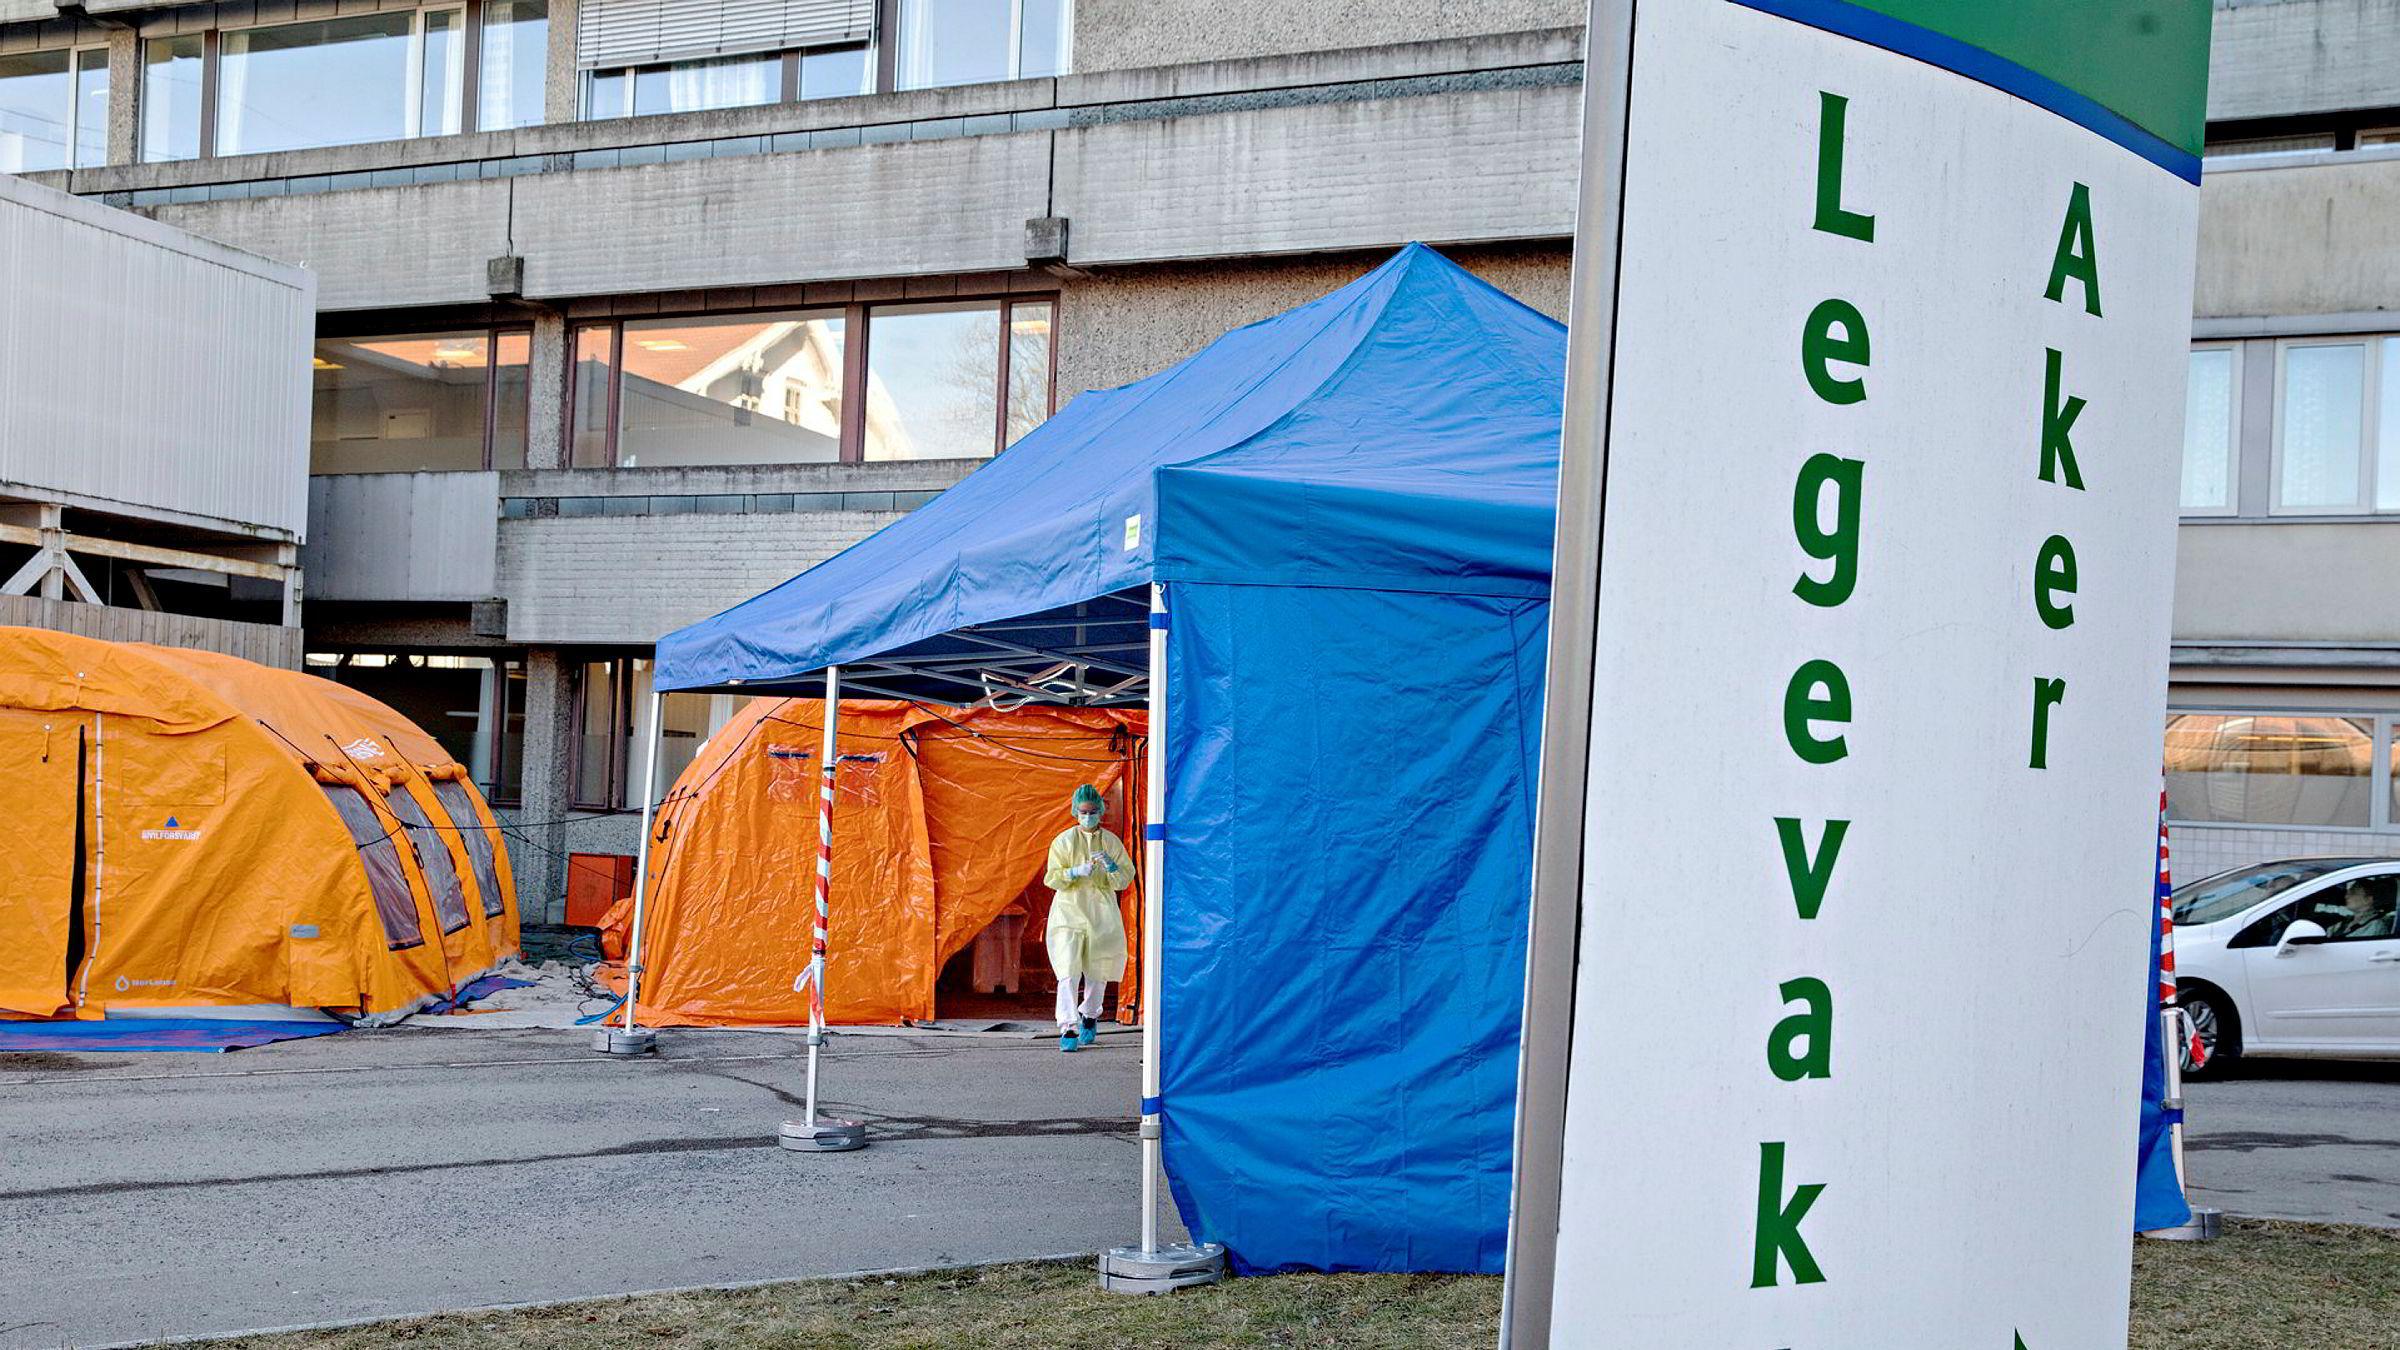 I Norge døde cirka 1400 mennesker i som følge av sesonginfluensa i 2017/2018, ifølge Folkehelseinstituttet. Så langt har vi fire døde – to av dem sykehjemsbeboere – og cirka 70 som er innlagt, skriver Øystein Sørdal i innlegget.